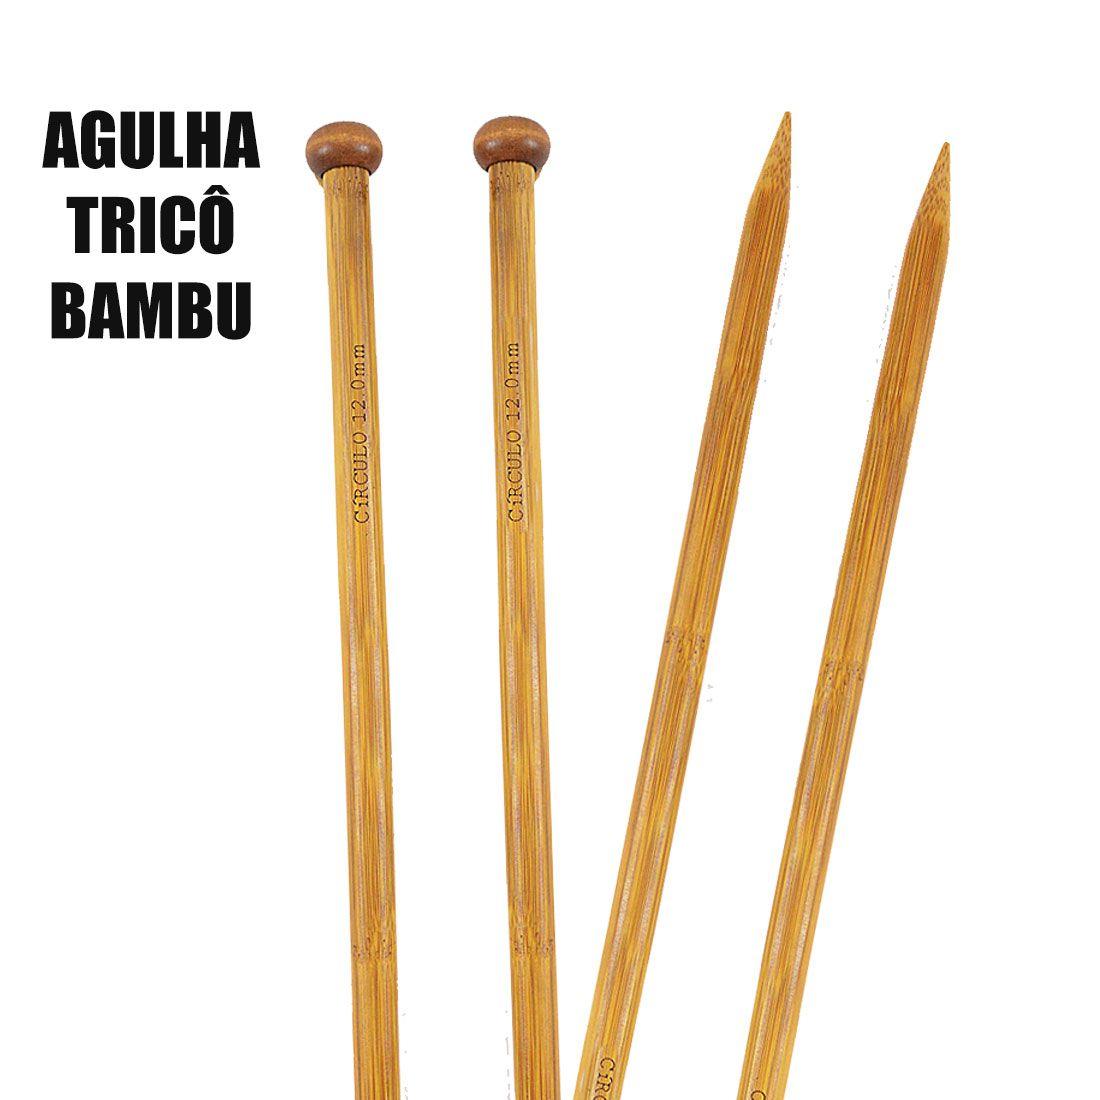 Agulha Para Tricô BAMBU ECO Circulo S/a 35cm